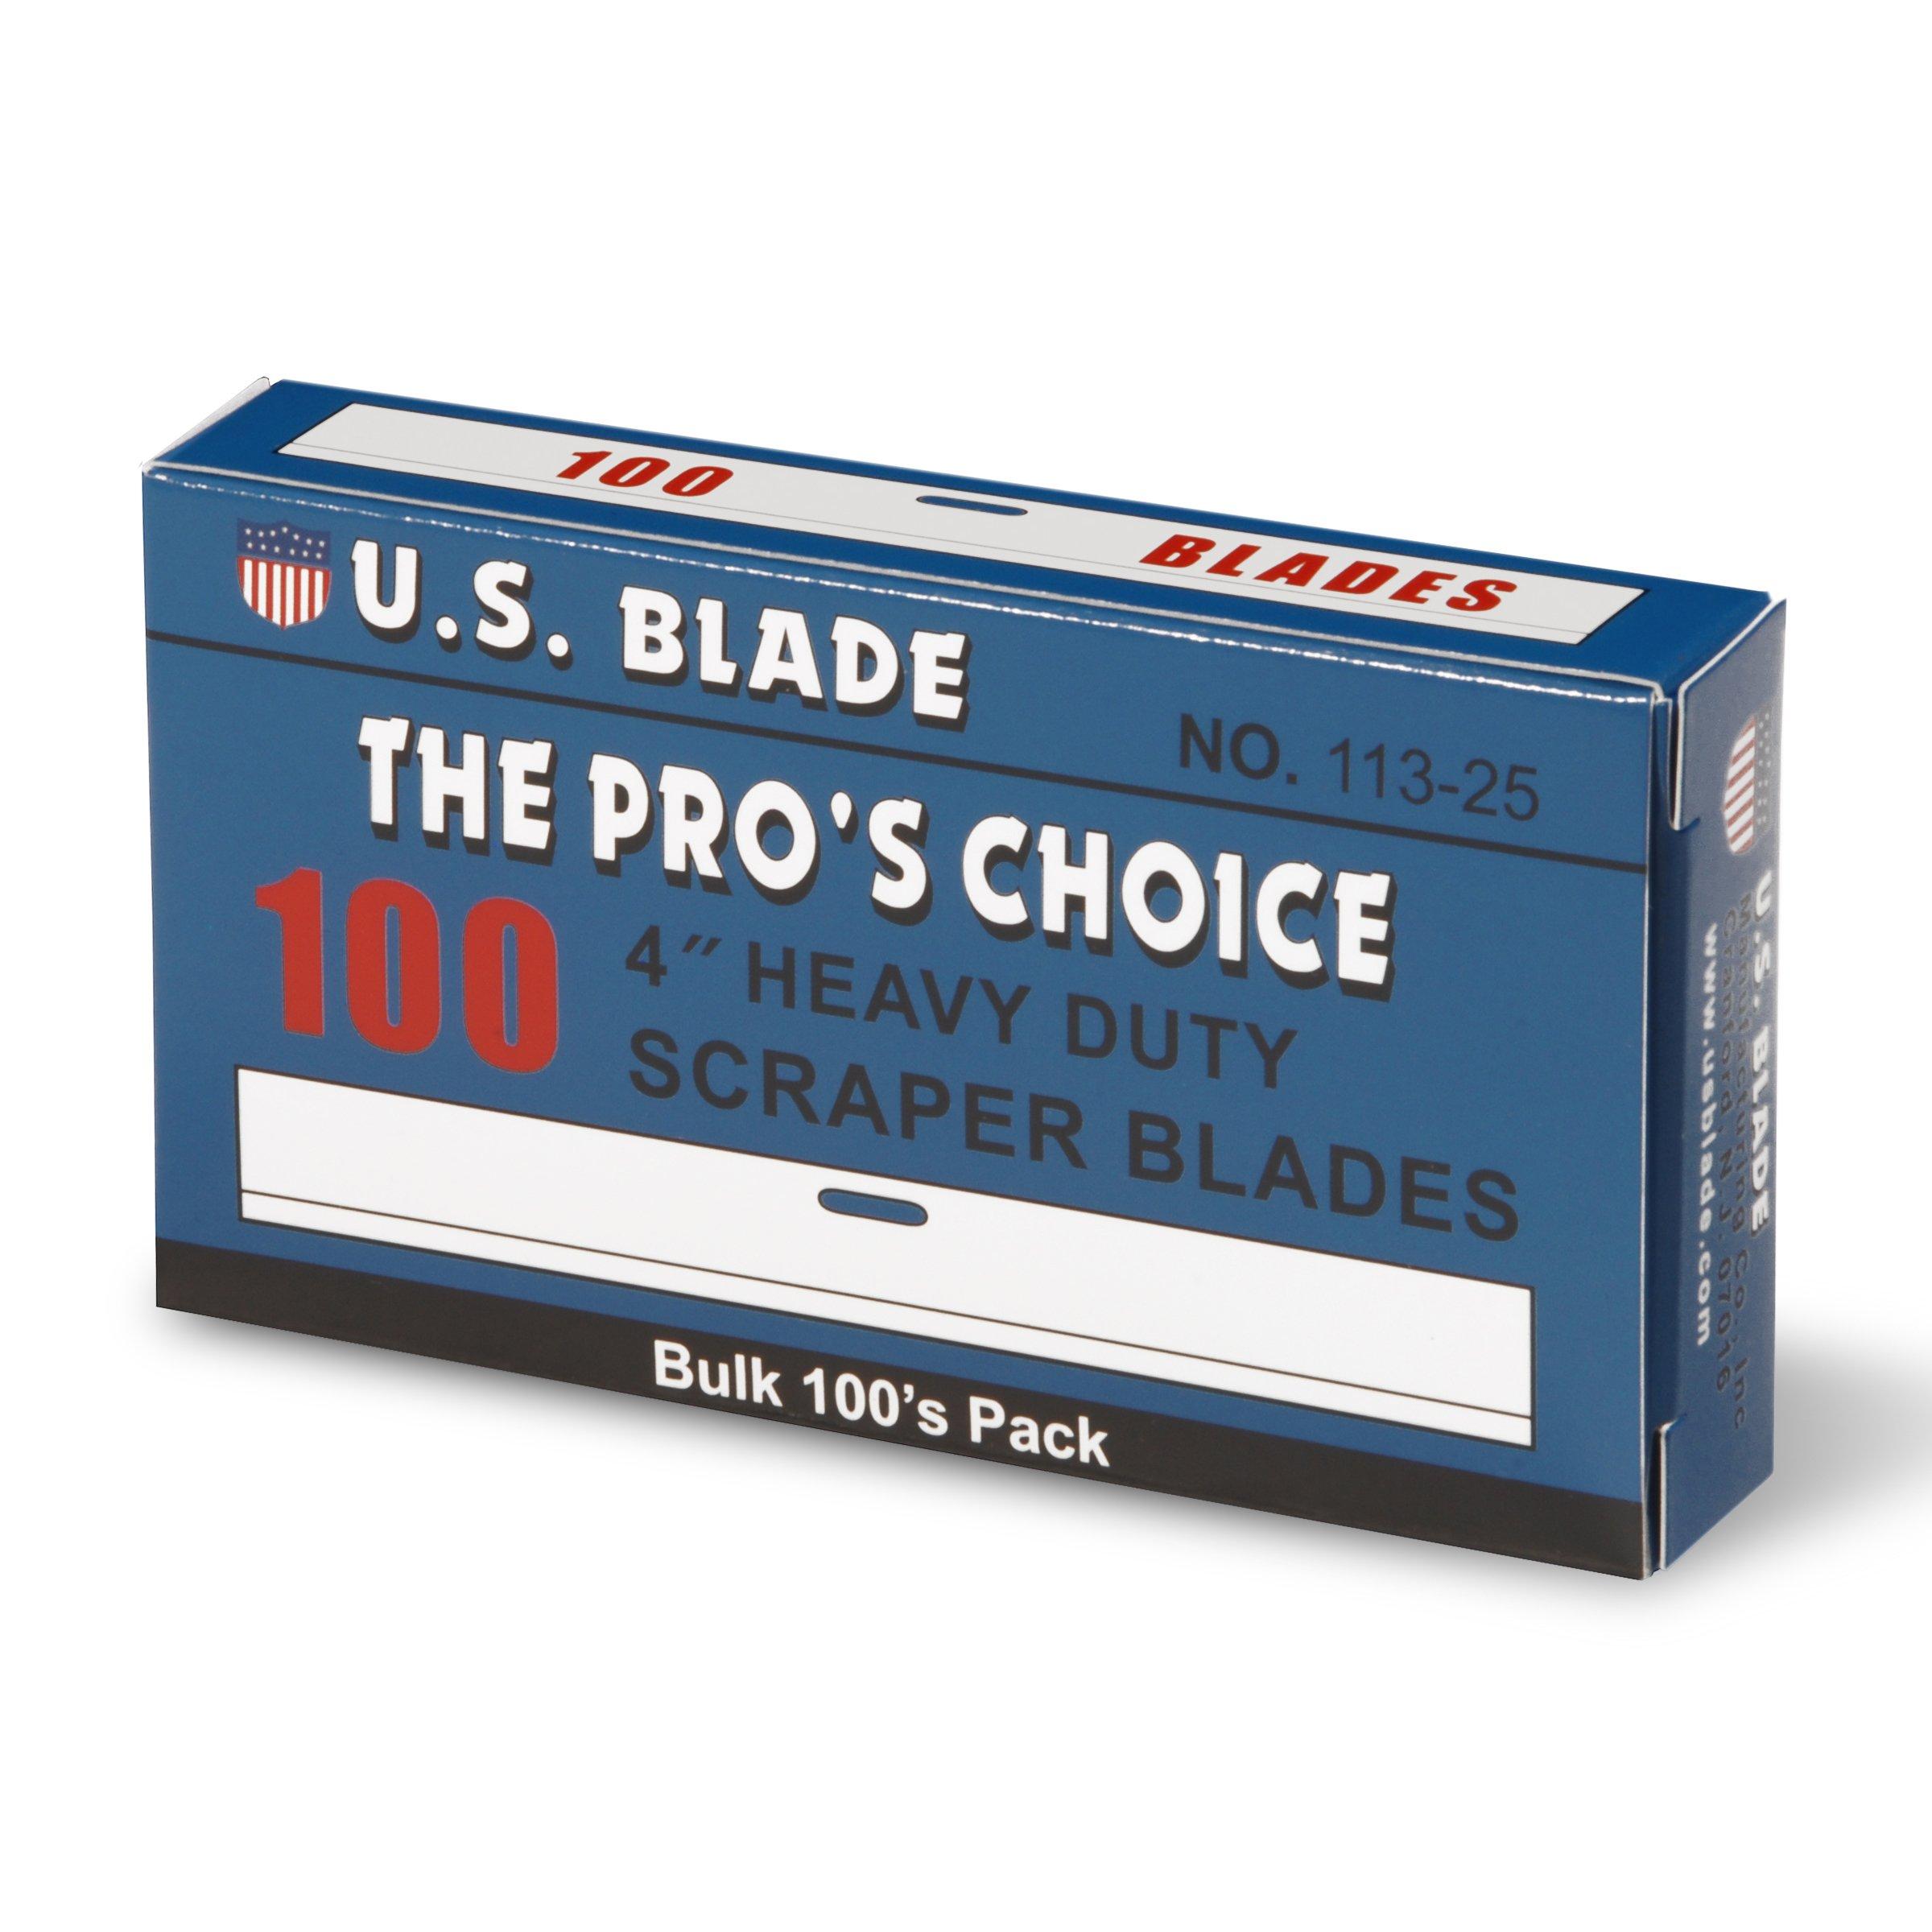 U.S. Blade U-113-25 4'' Scraper Blades 100 Pak 4''